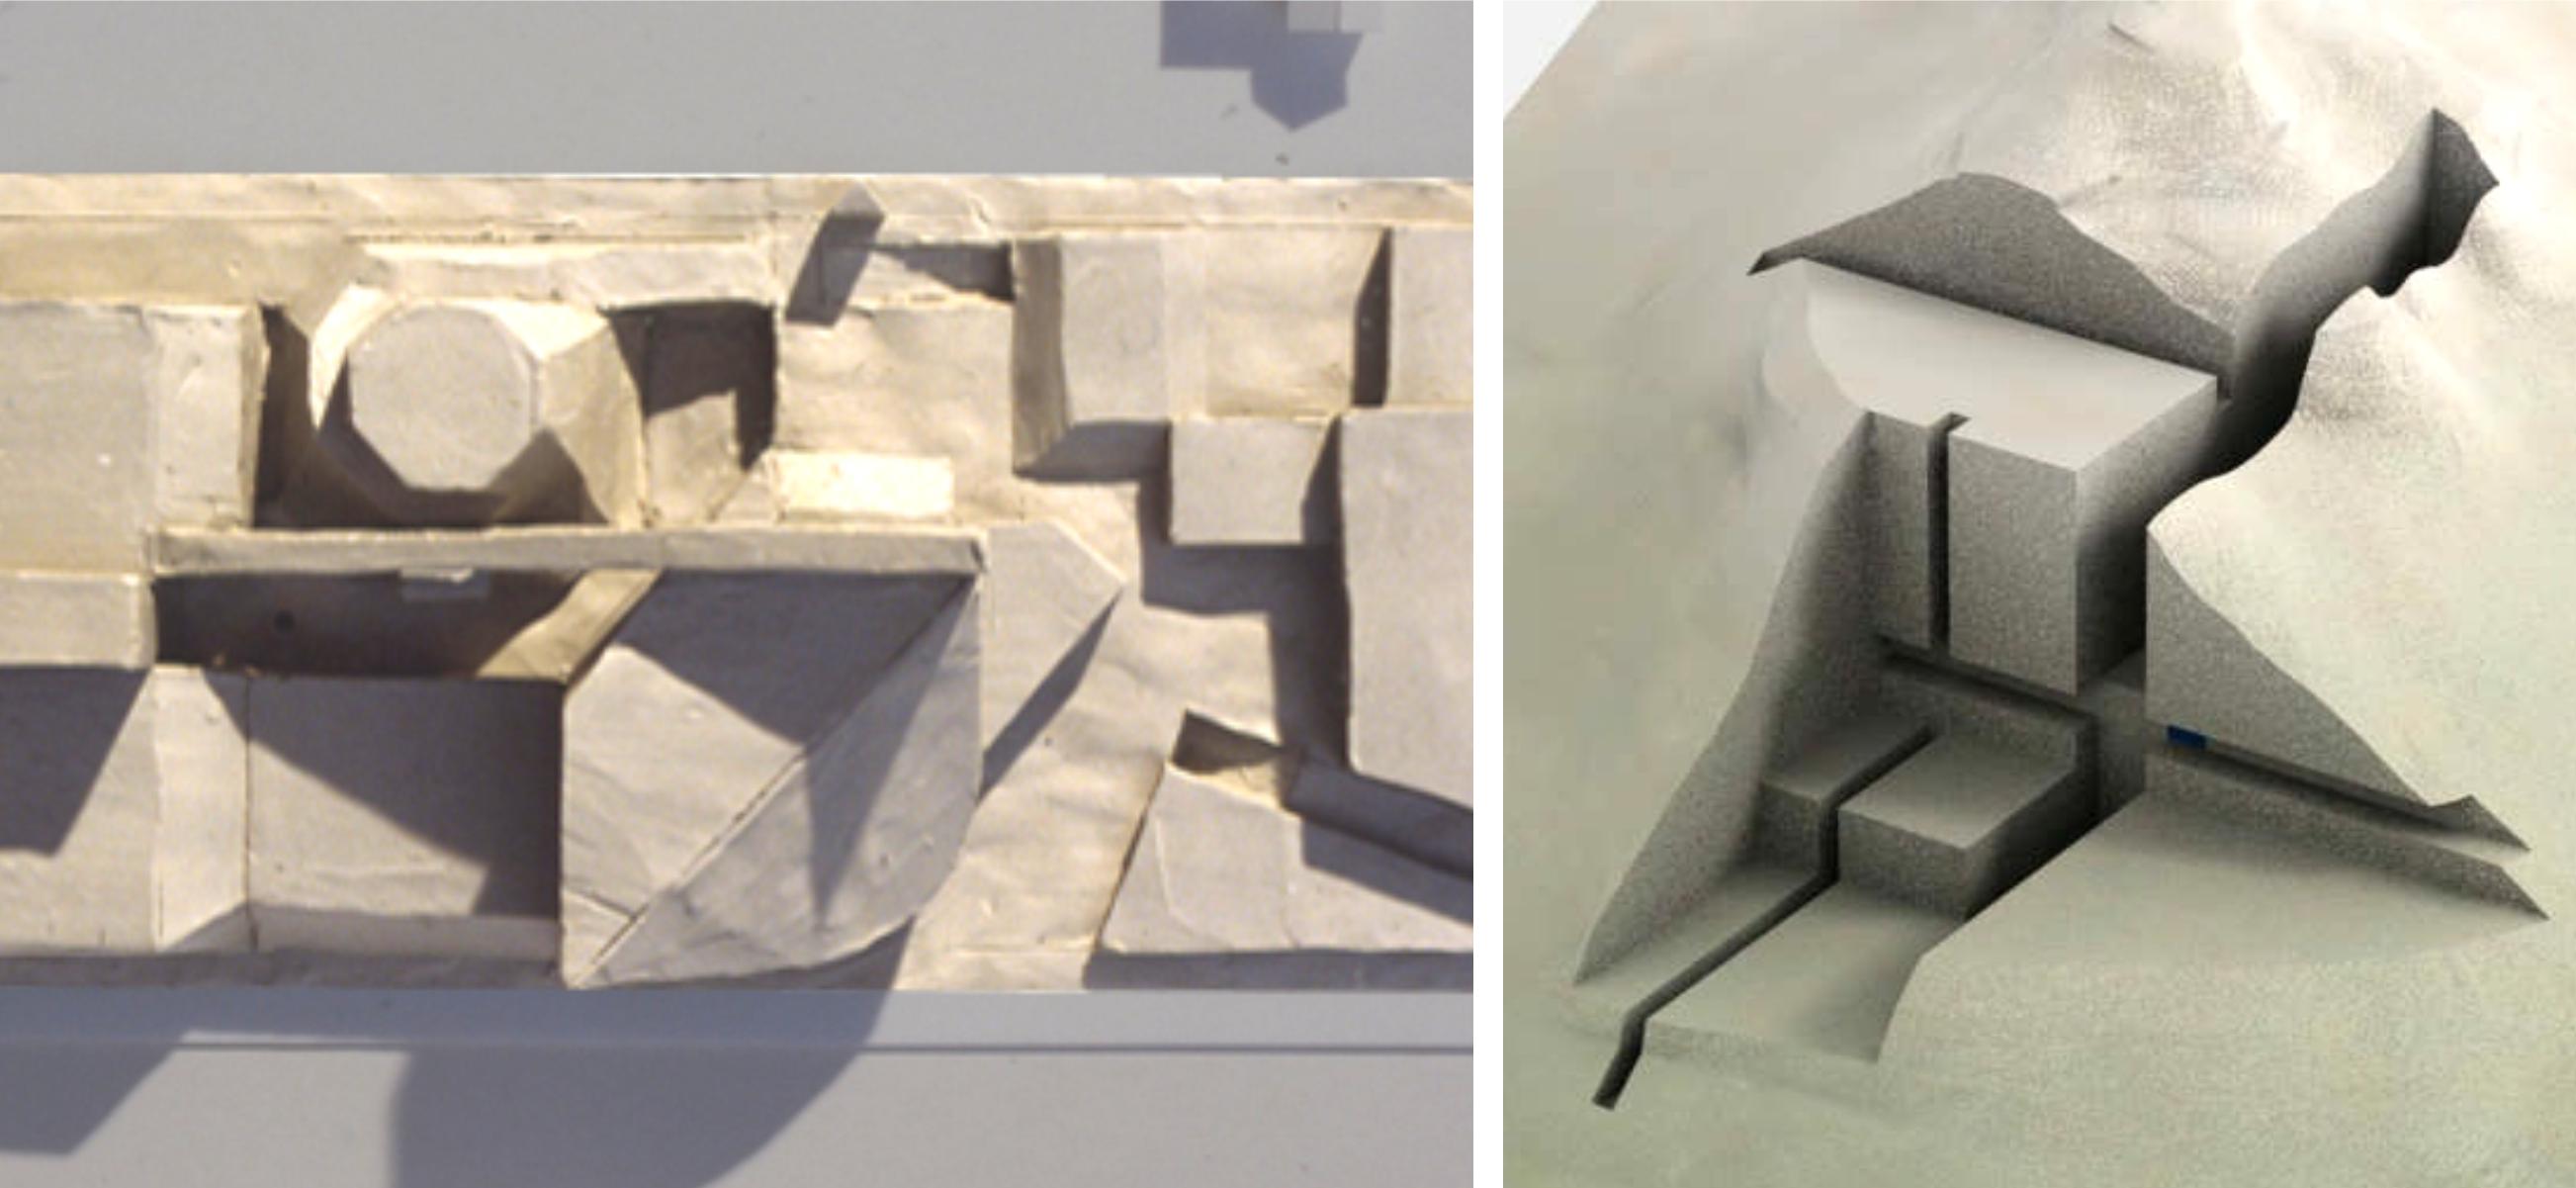 Глиняные макеты похожи на скульптурное изображение. Вы концентрируетесь скорее на пространстве, чем на стенах